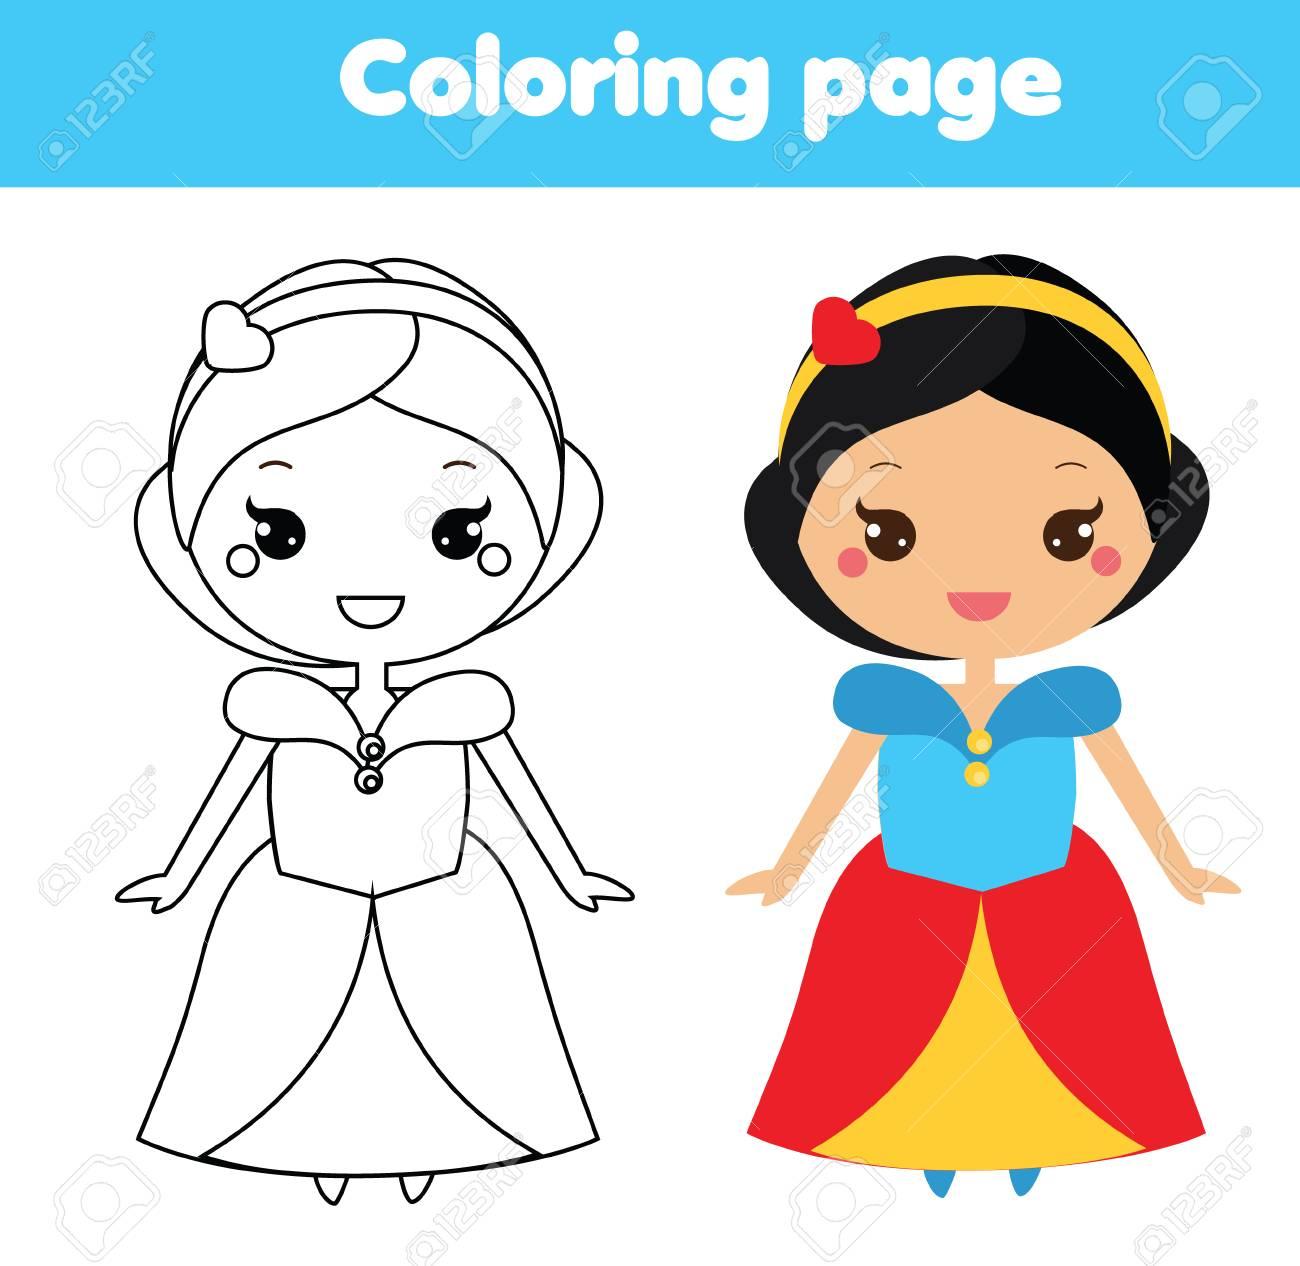 Dibujo Para Colorear Con Linda Princesa Colorea La Imagen Juego